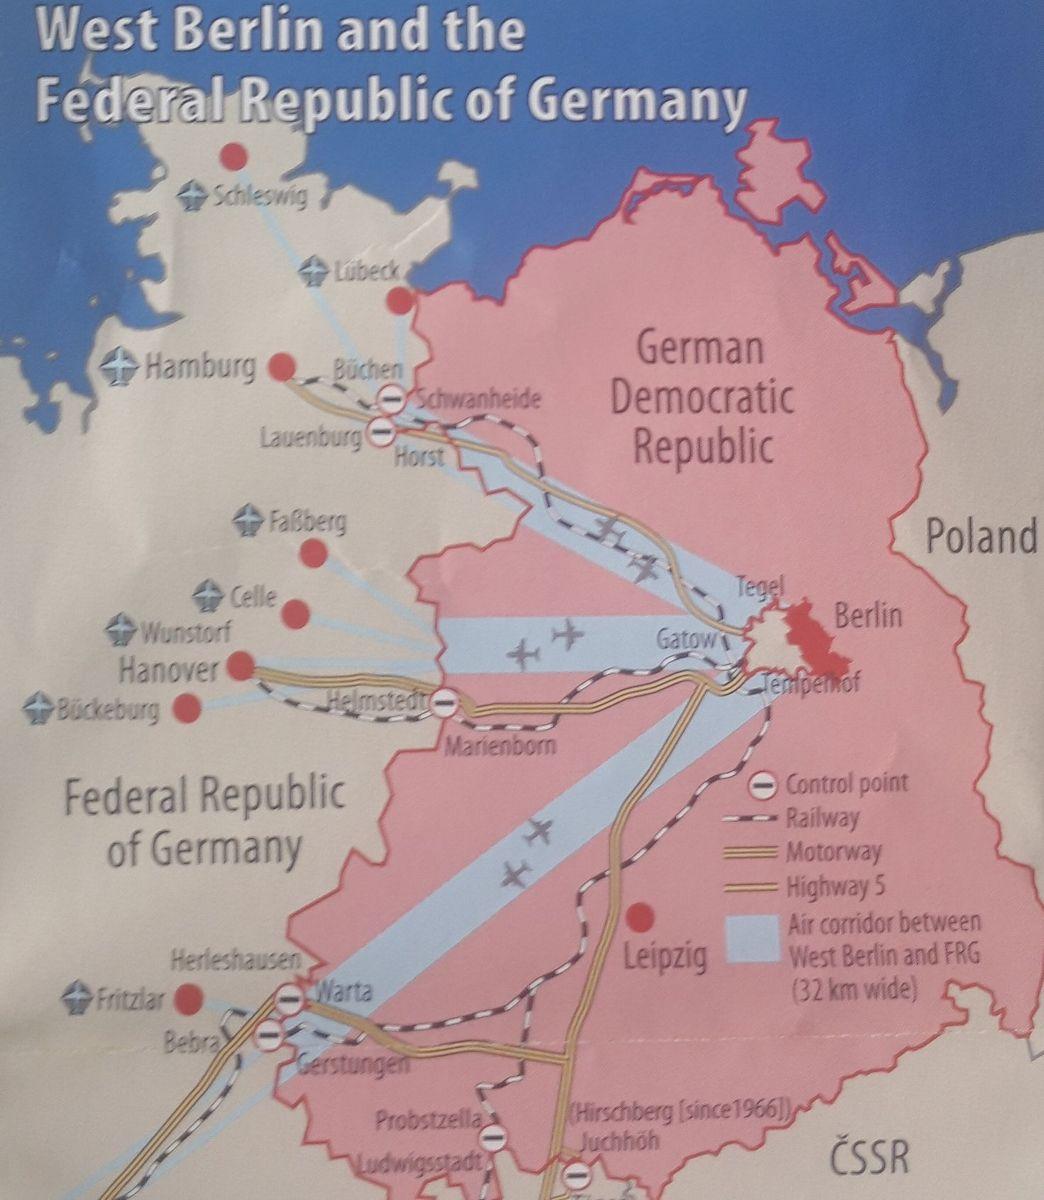 写真・図版 : 薄赤の部分が冷戦期の東ドイツ。真ん中にベルリンがあり、白い部分が西ドイツの飛び地となった西ベルリン=© 2013 by Berlin Story Verlag